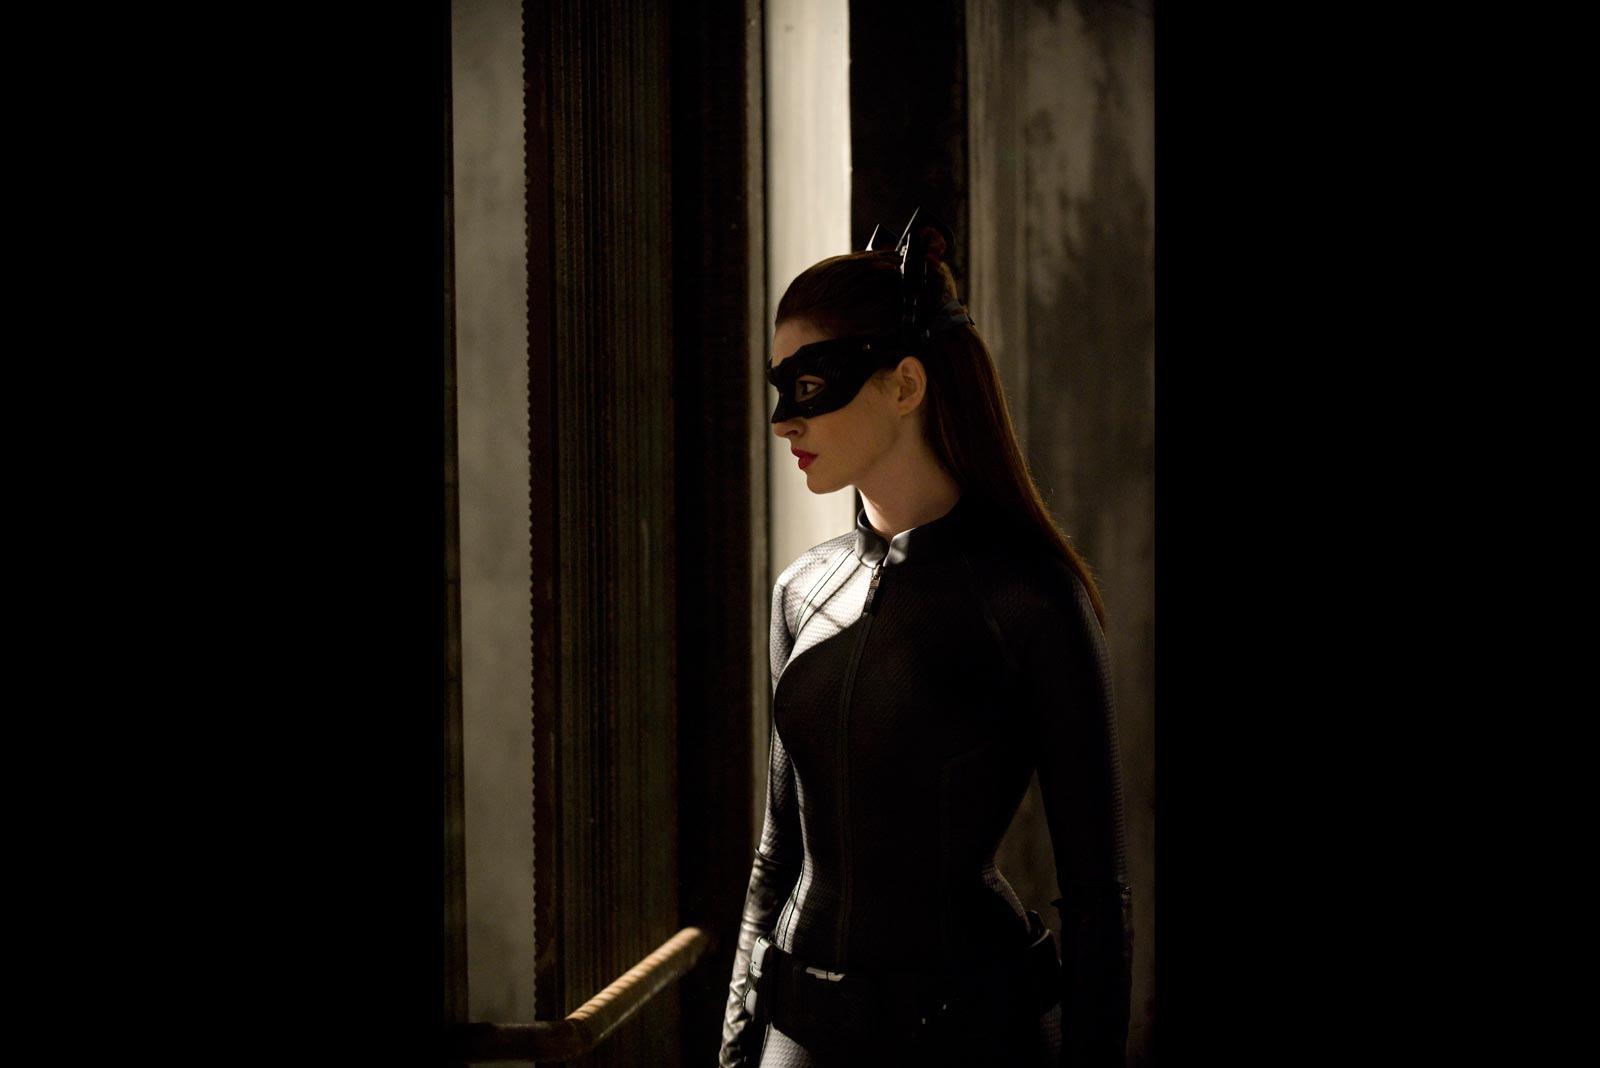 http://1.bp.blogspot.com/-7_lSxqaytx8/UCqxE0X2frI/AAAAAAAAA5Q/8Oym1ytjewc/s1600/anne-hathaway-catwoman.jpg